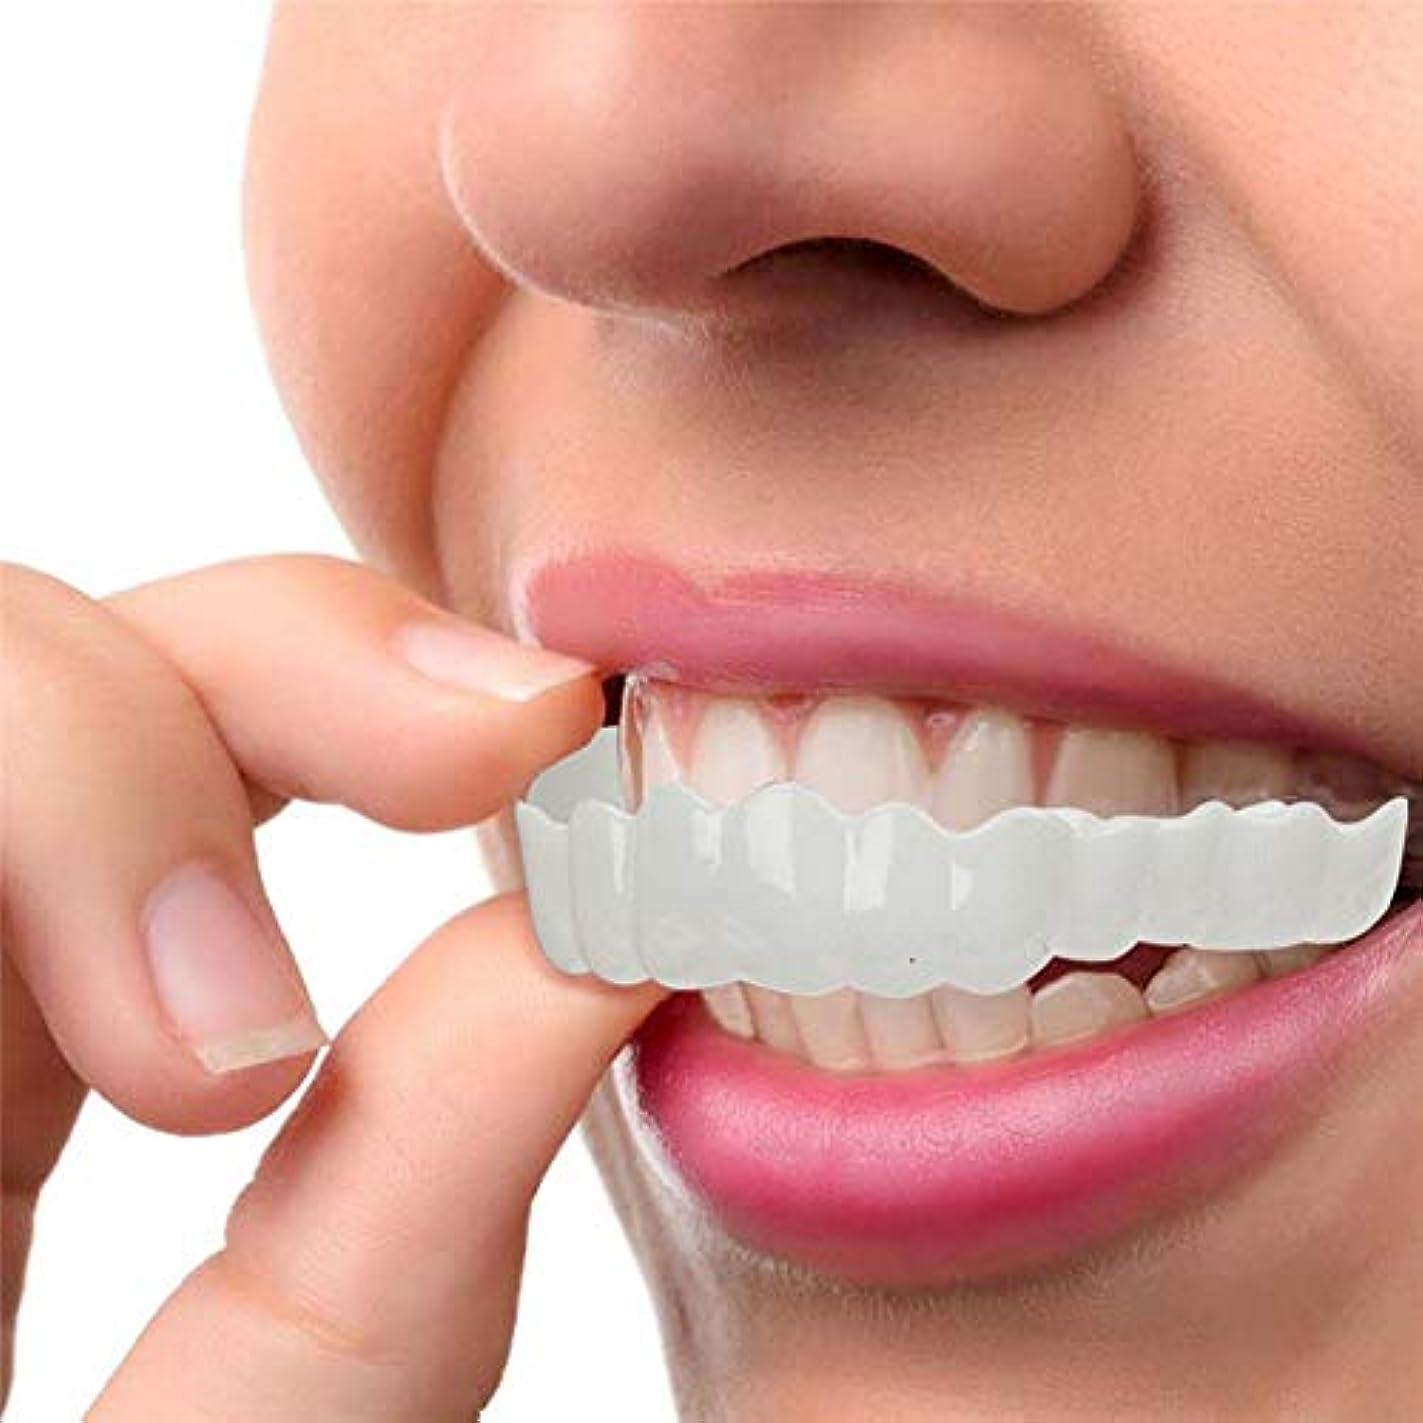 めったに怒っている詳細な2セット、白い歯をきれいにするためのコンフォートフィットフレックス歯ソケット、化粧品の歯、スーパーコンフォート、コンフォートフィット